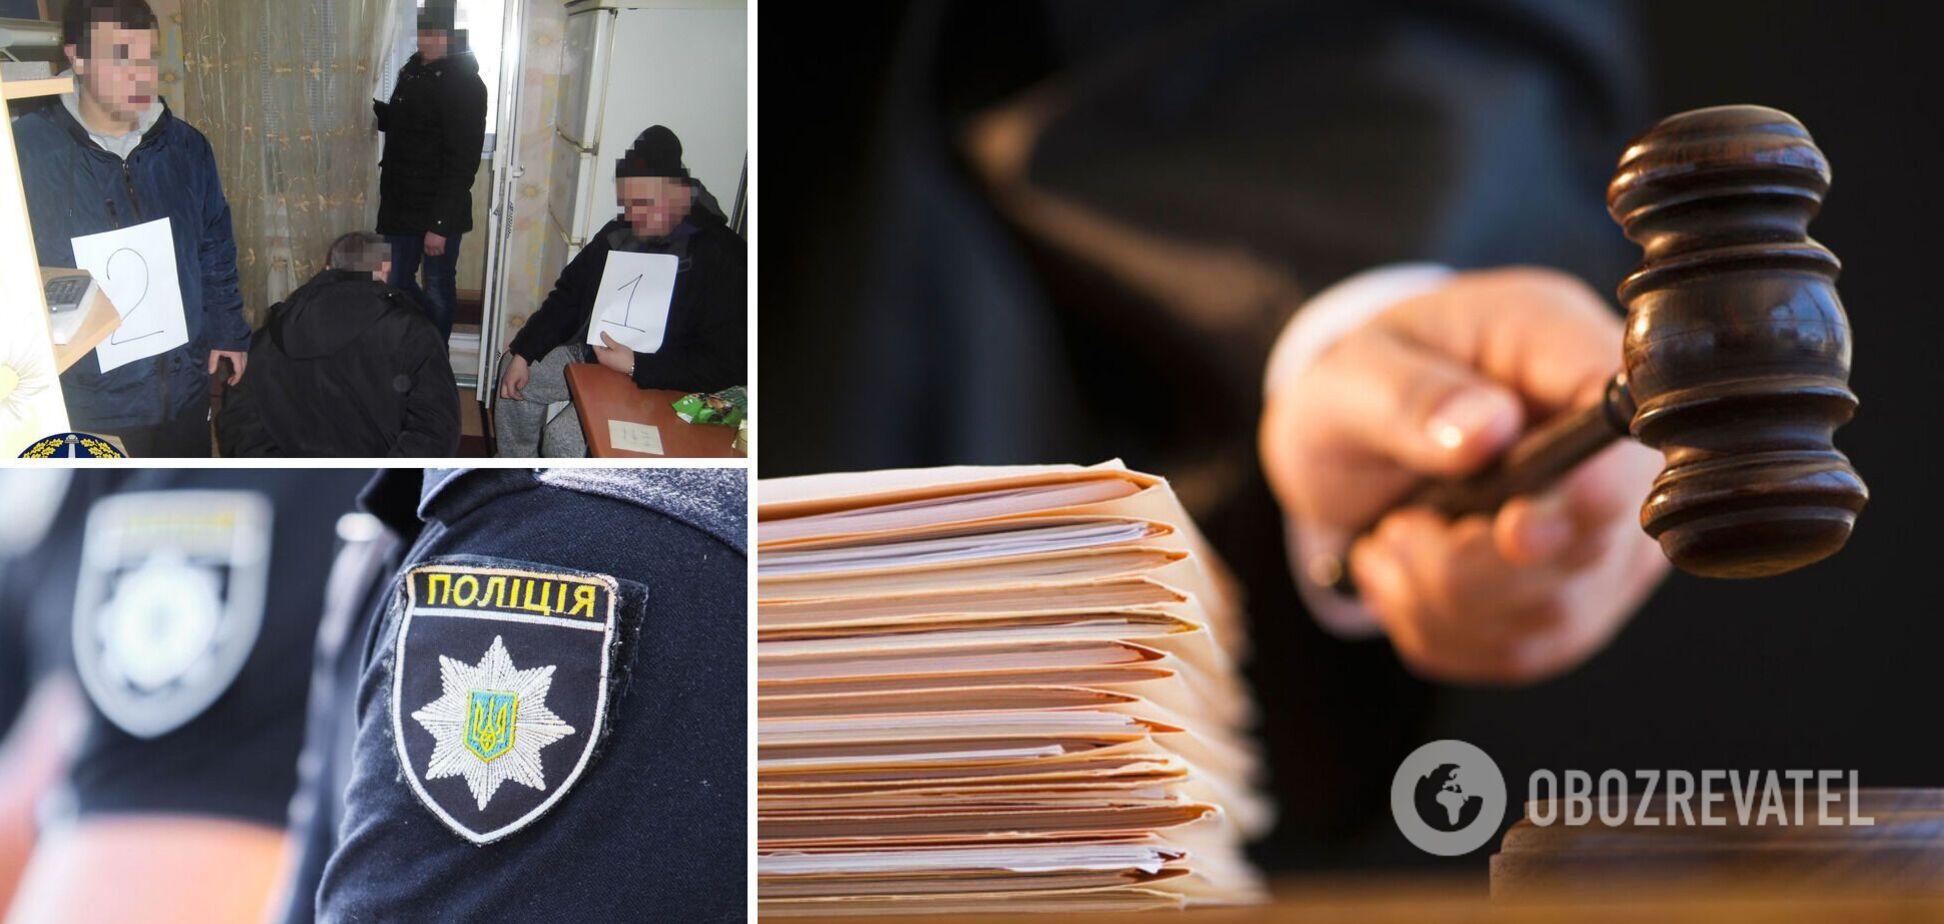 Суд отправил за решетку двух экс-полицейских с Днепропетровщины, укравших у вора 42 млн грн. Фото